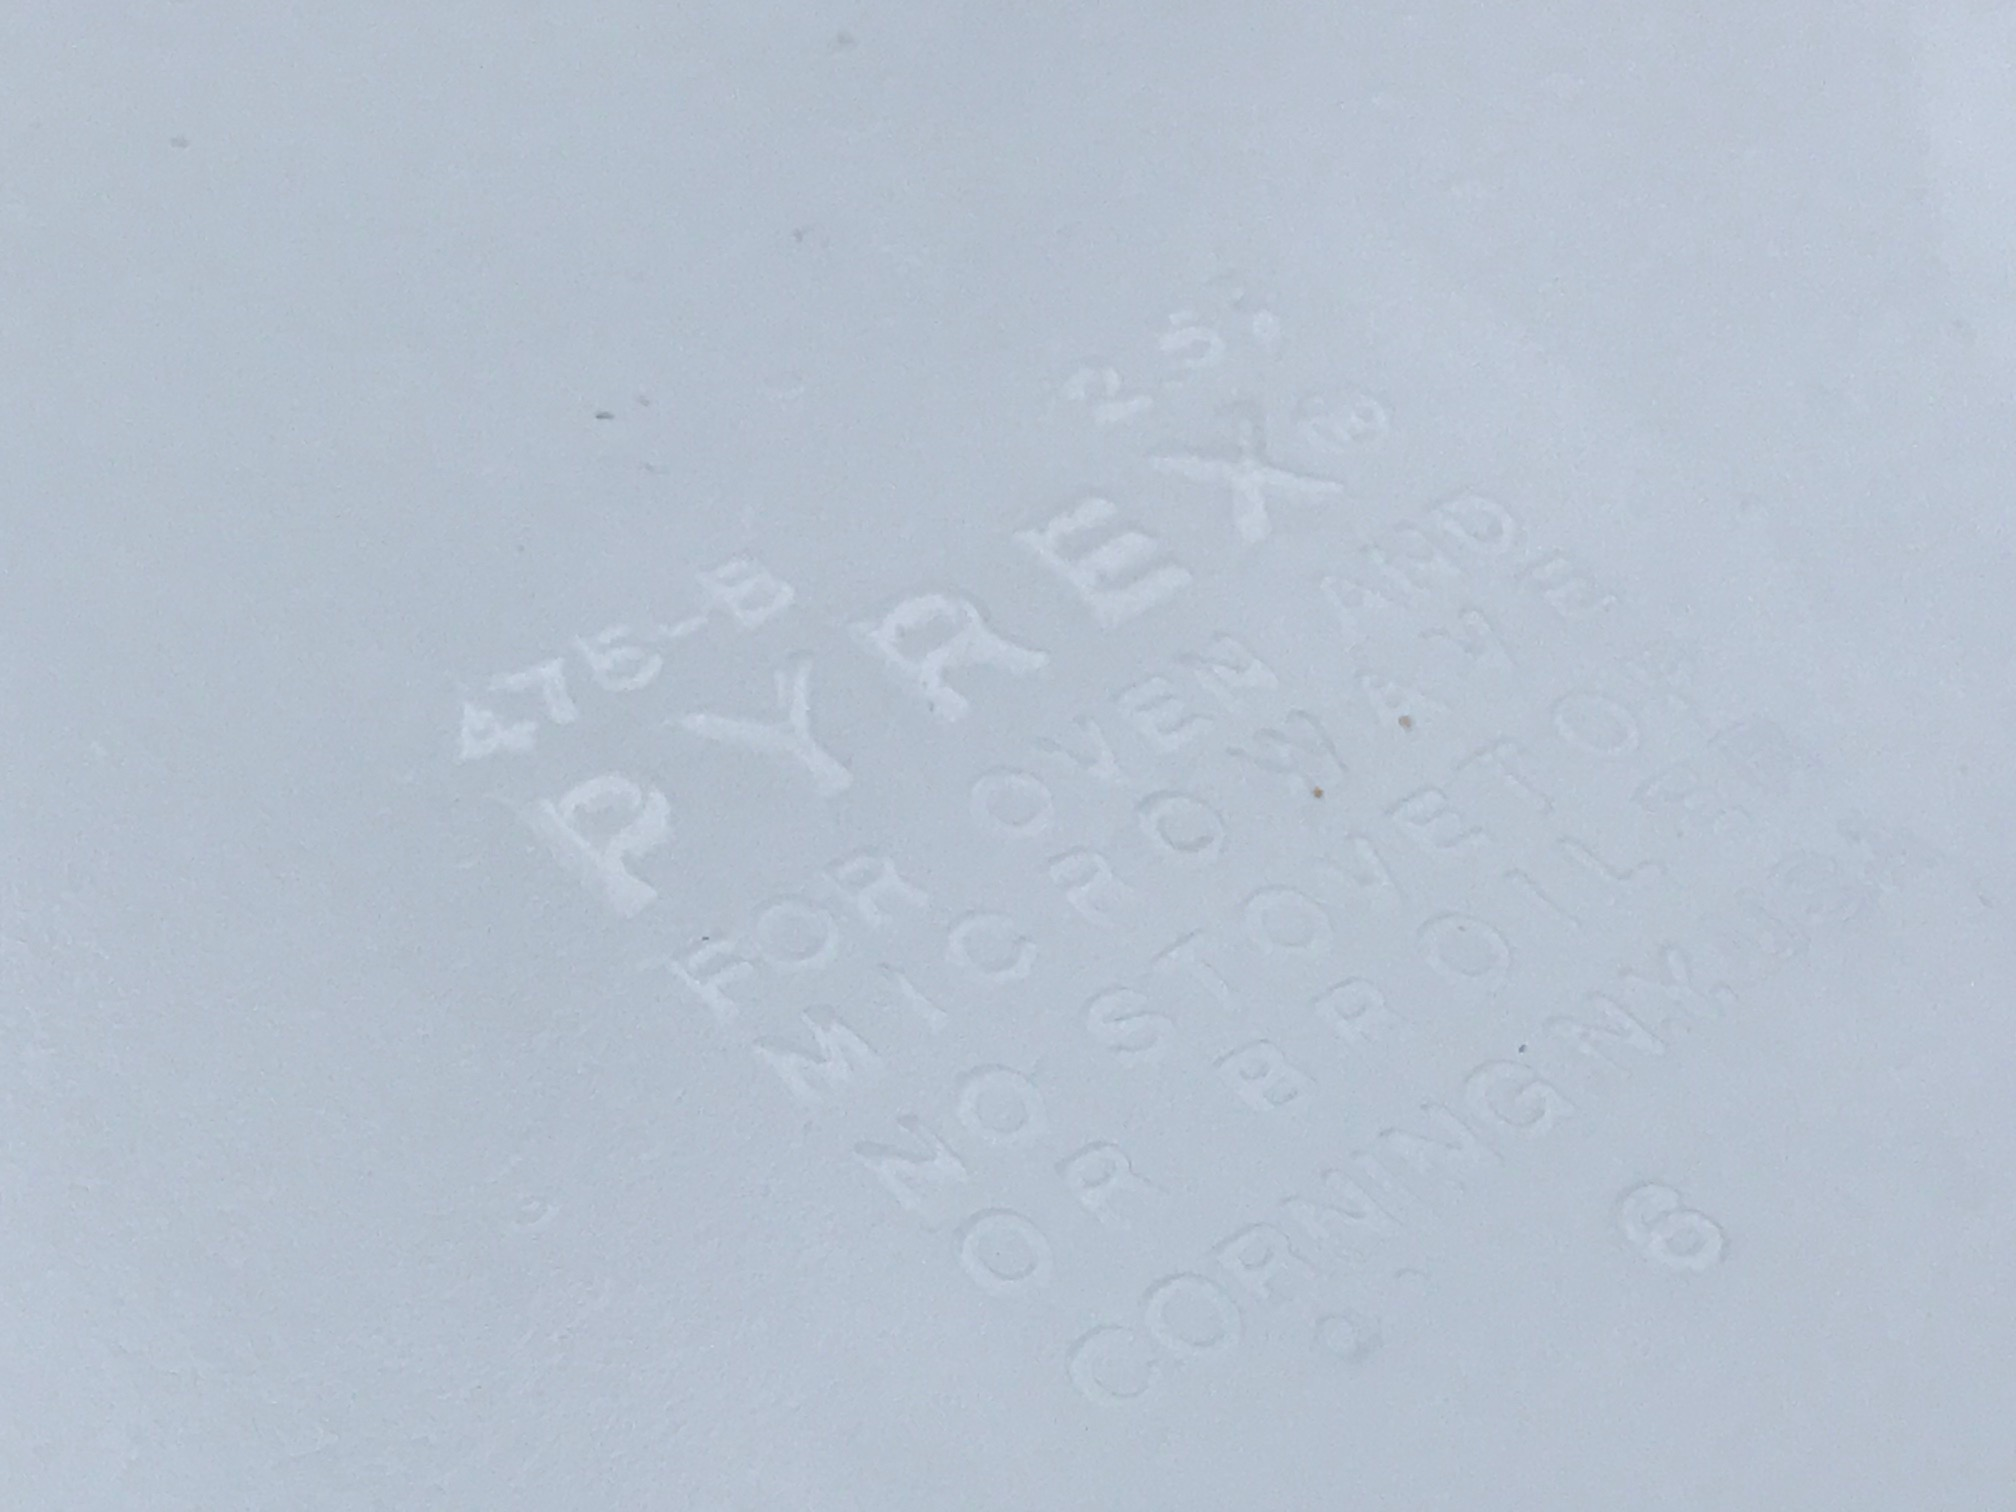 1980s Vintage Pyrex Trailing Flowers - Beige Casserole Dish: 253,900 ppm Lead + 12,100 ppm Cadmium + 8,801 ppm Arsenic